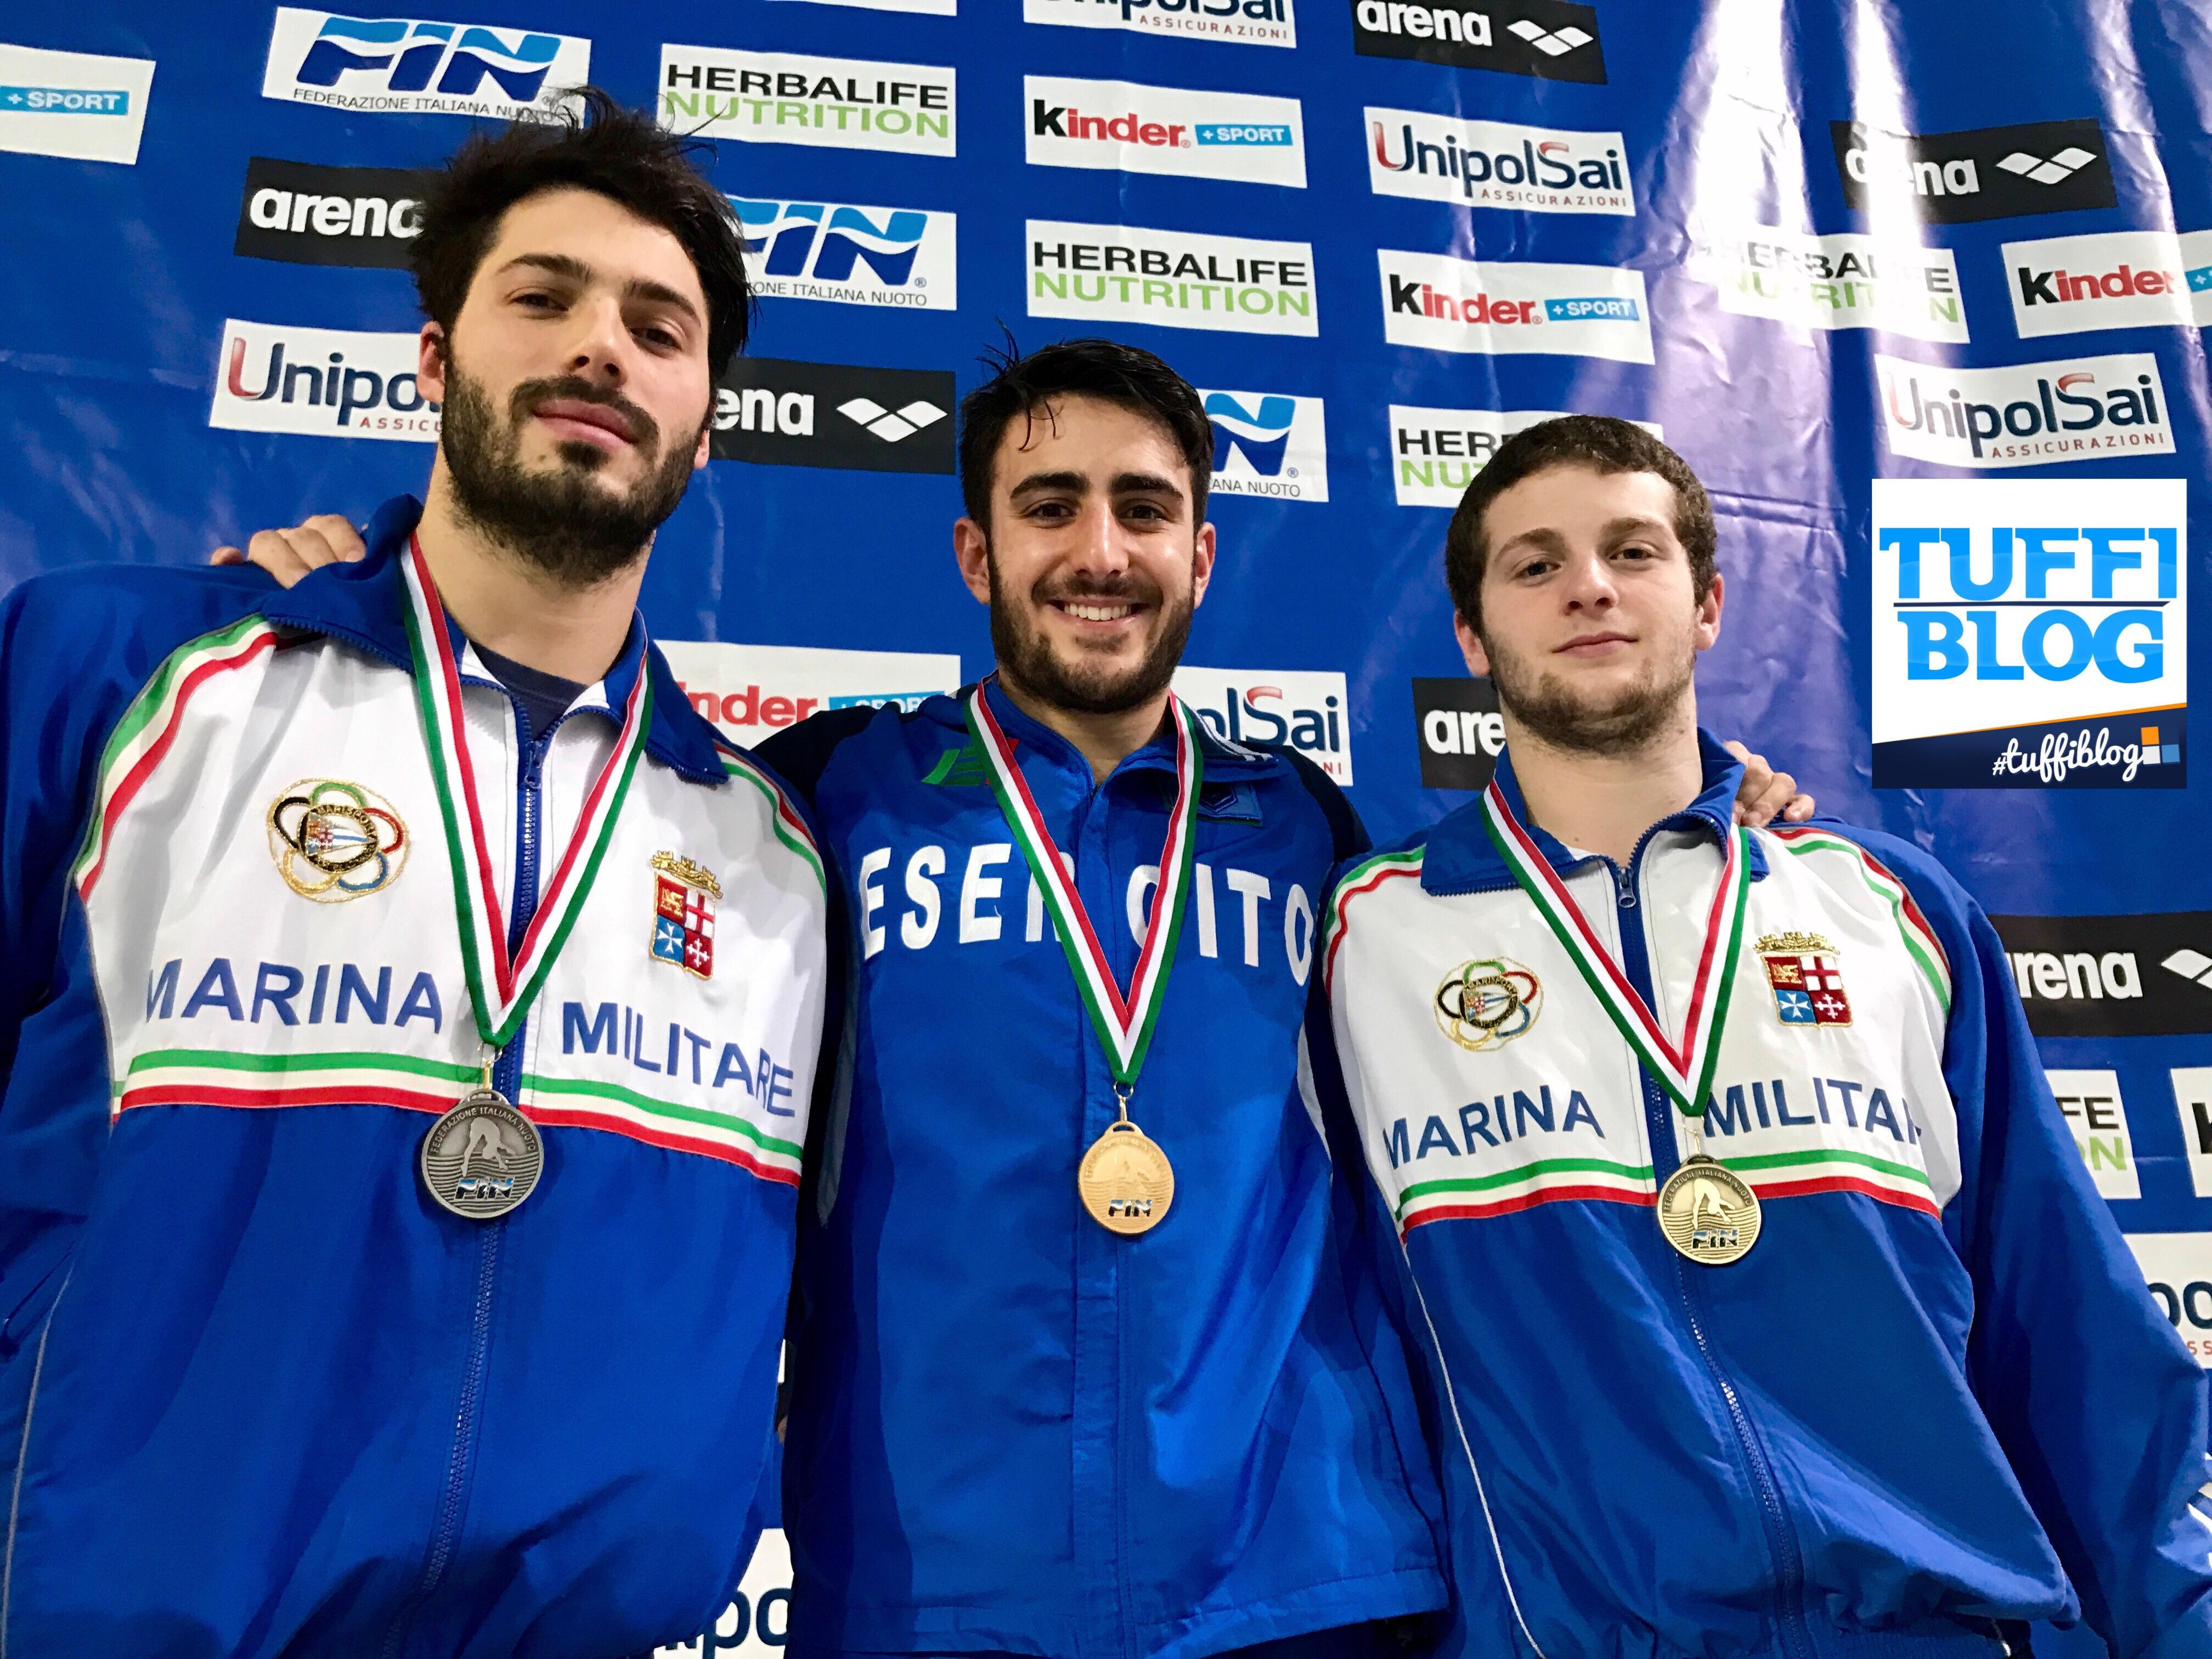 Campionati di Categoria indoor: Trieste - Tocci, l'imprevisto fa sfumare il record!